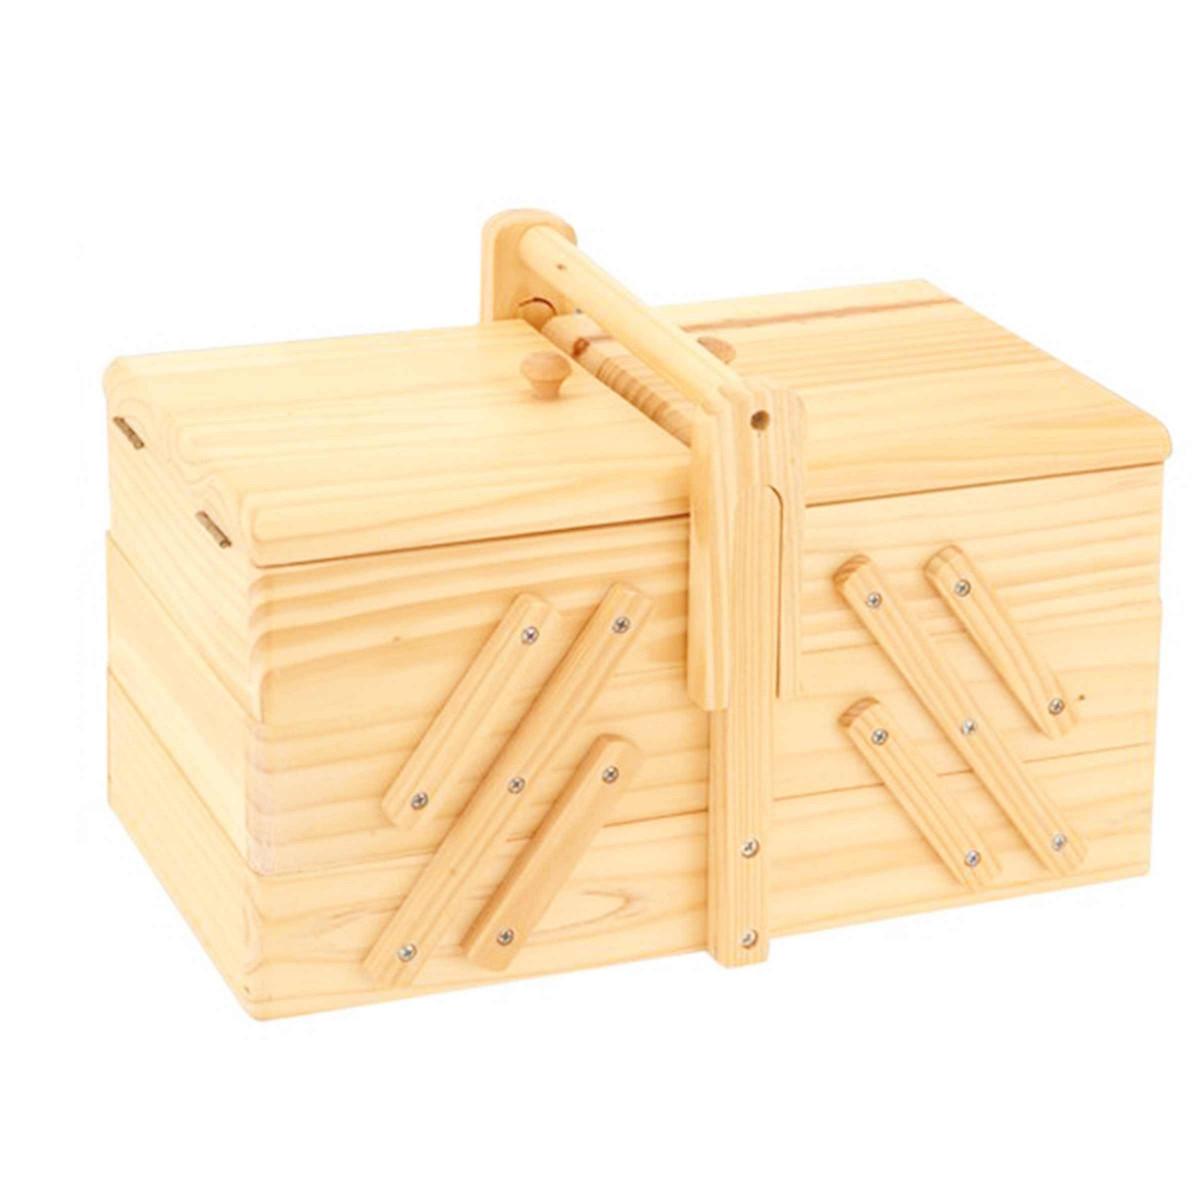 bo te couture en bois travailleuse rangement. Black Bedroom Furniture Sets. Home Design Ideas